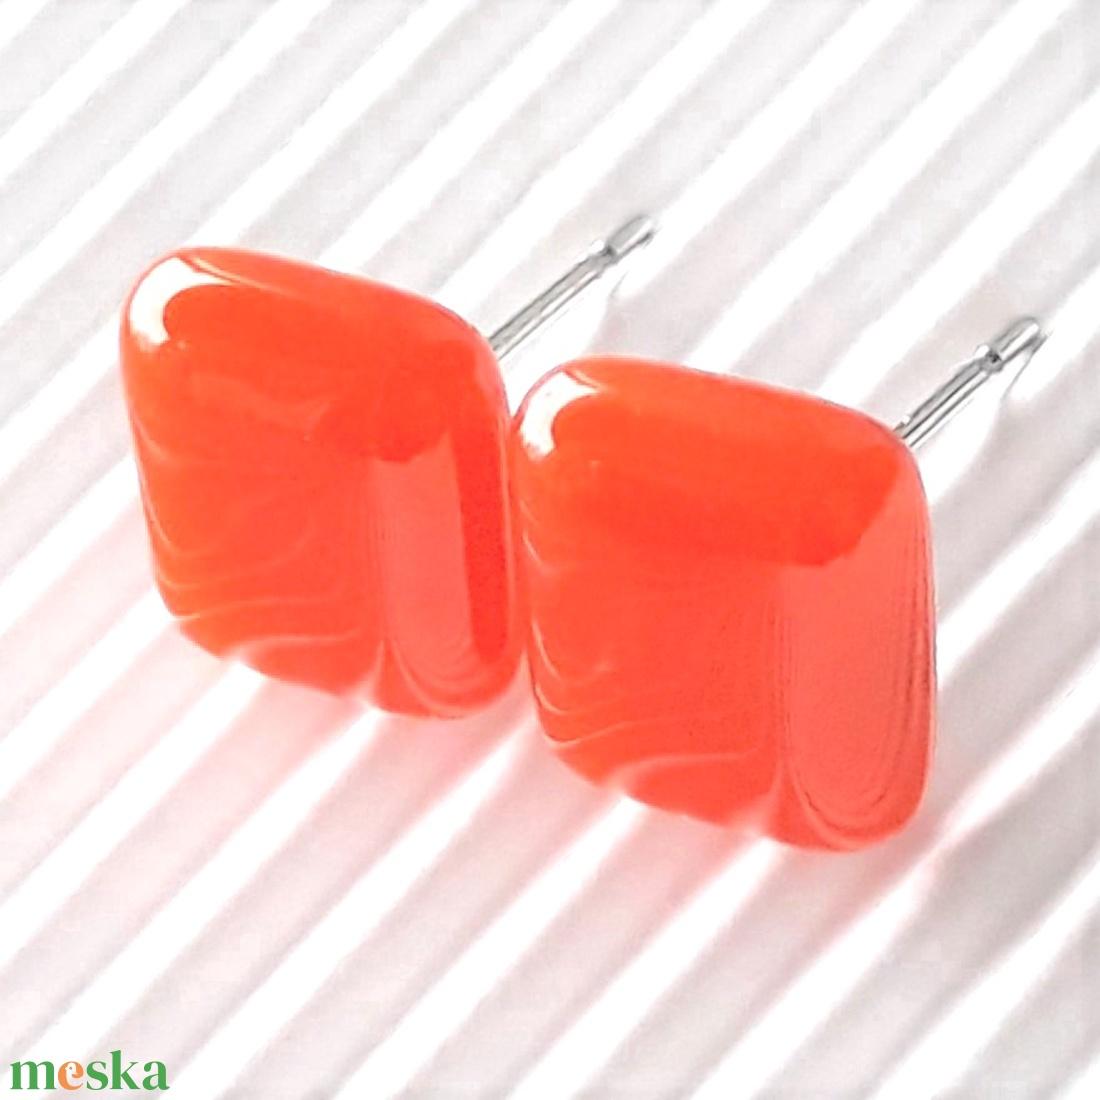 Narancs kocka üveg fülbevaló orvosi fém bedugón, üvegékszer - ékszer - fülbevaló - pötty fülbevaló - Meska.hu